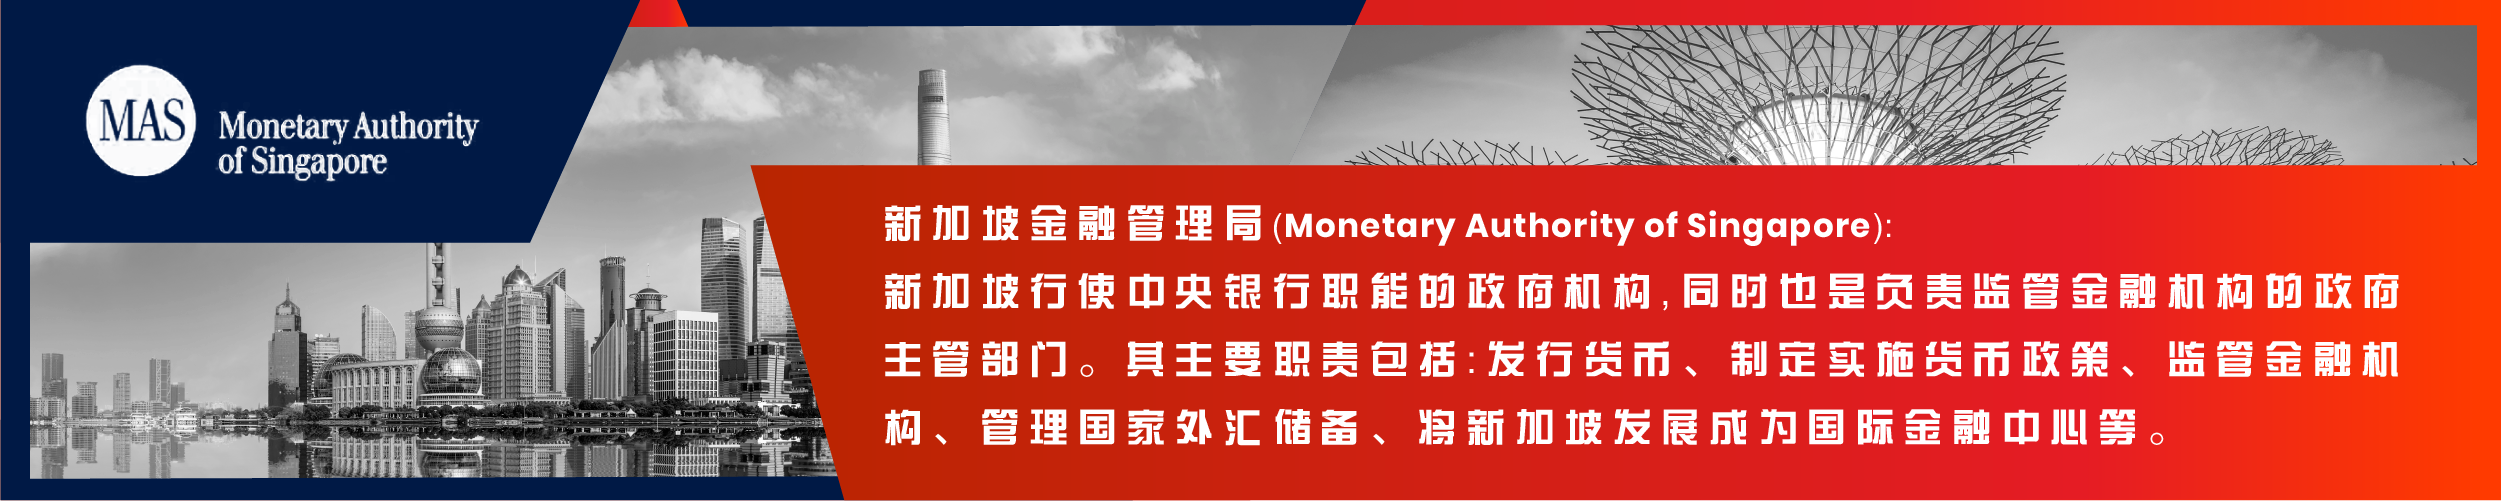 新加坡 X 亚洲创新合作论坛2020 | 第二场:金融科技主题活动参与企业介绍